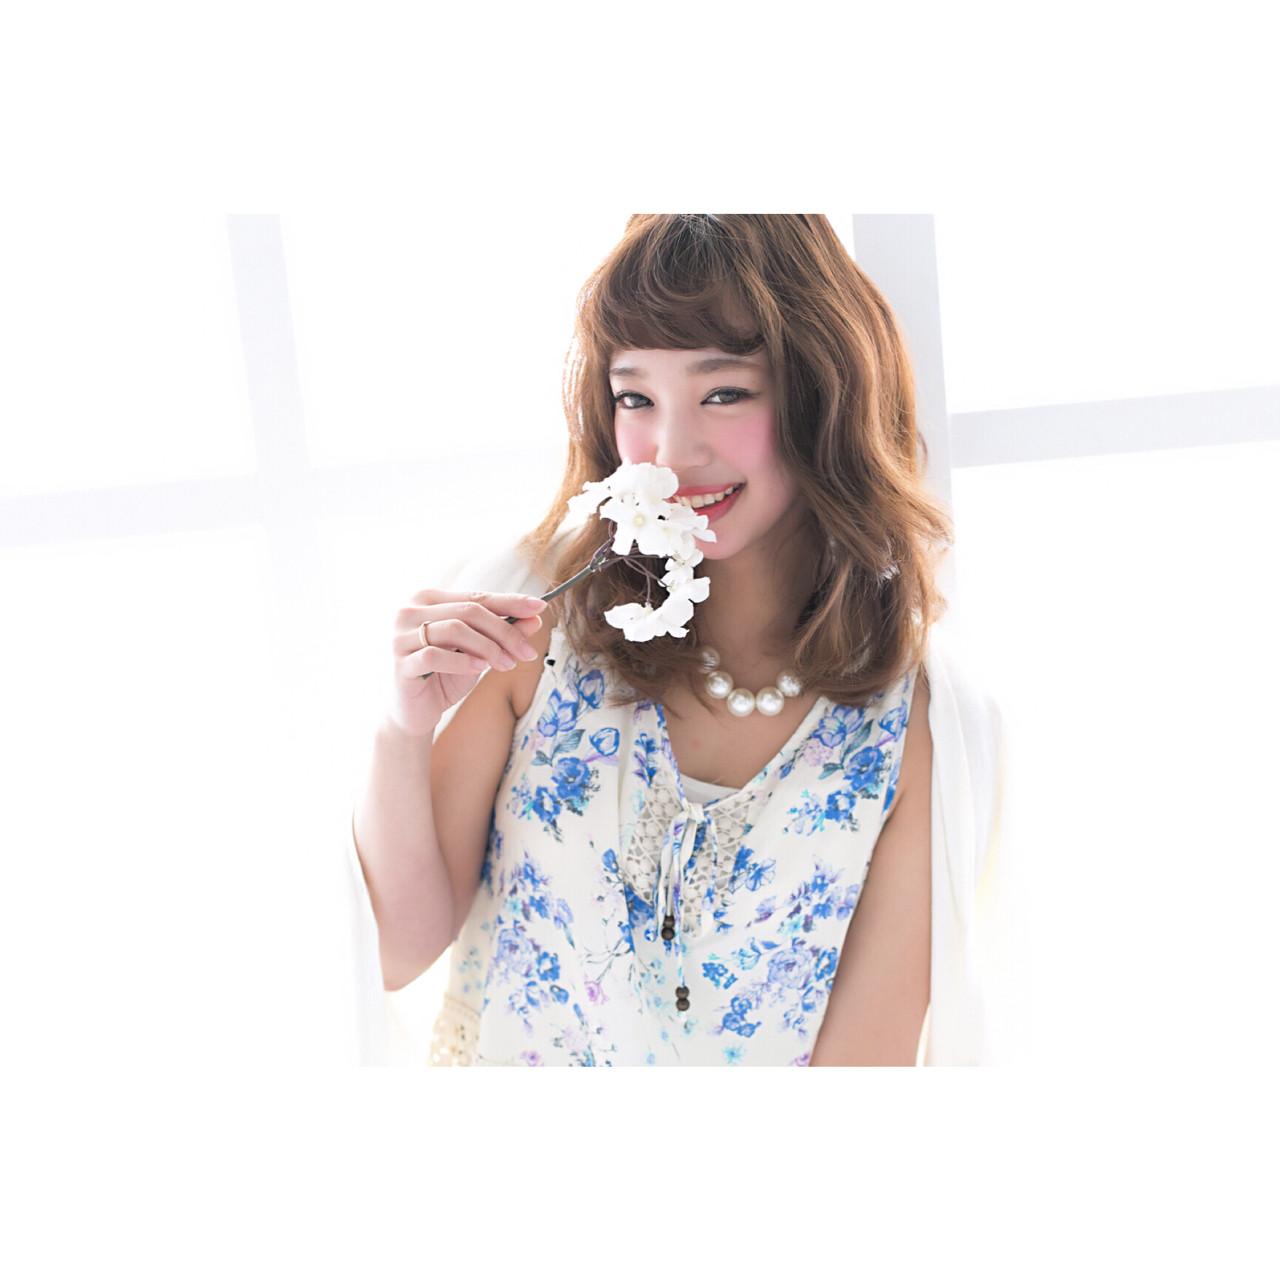 ナチュラル 前髪あり 透明感 フェミニン ヘアスタイルや髪型の写真・画像 | Ryuho / STELLA sannomiya